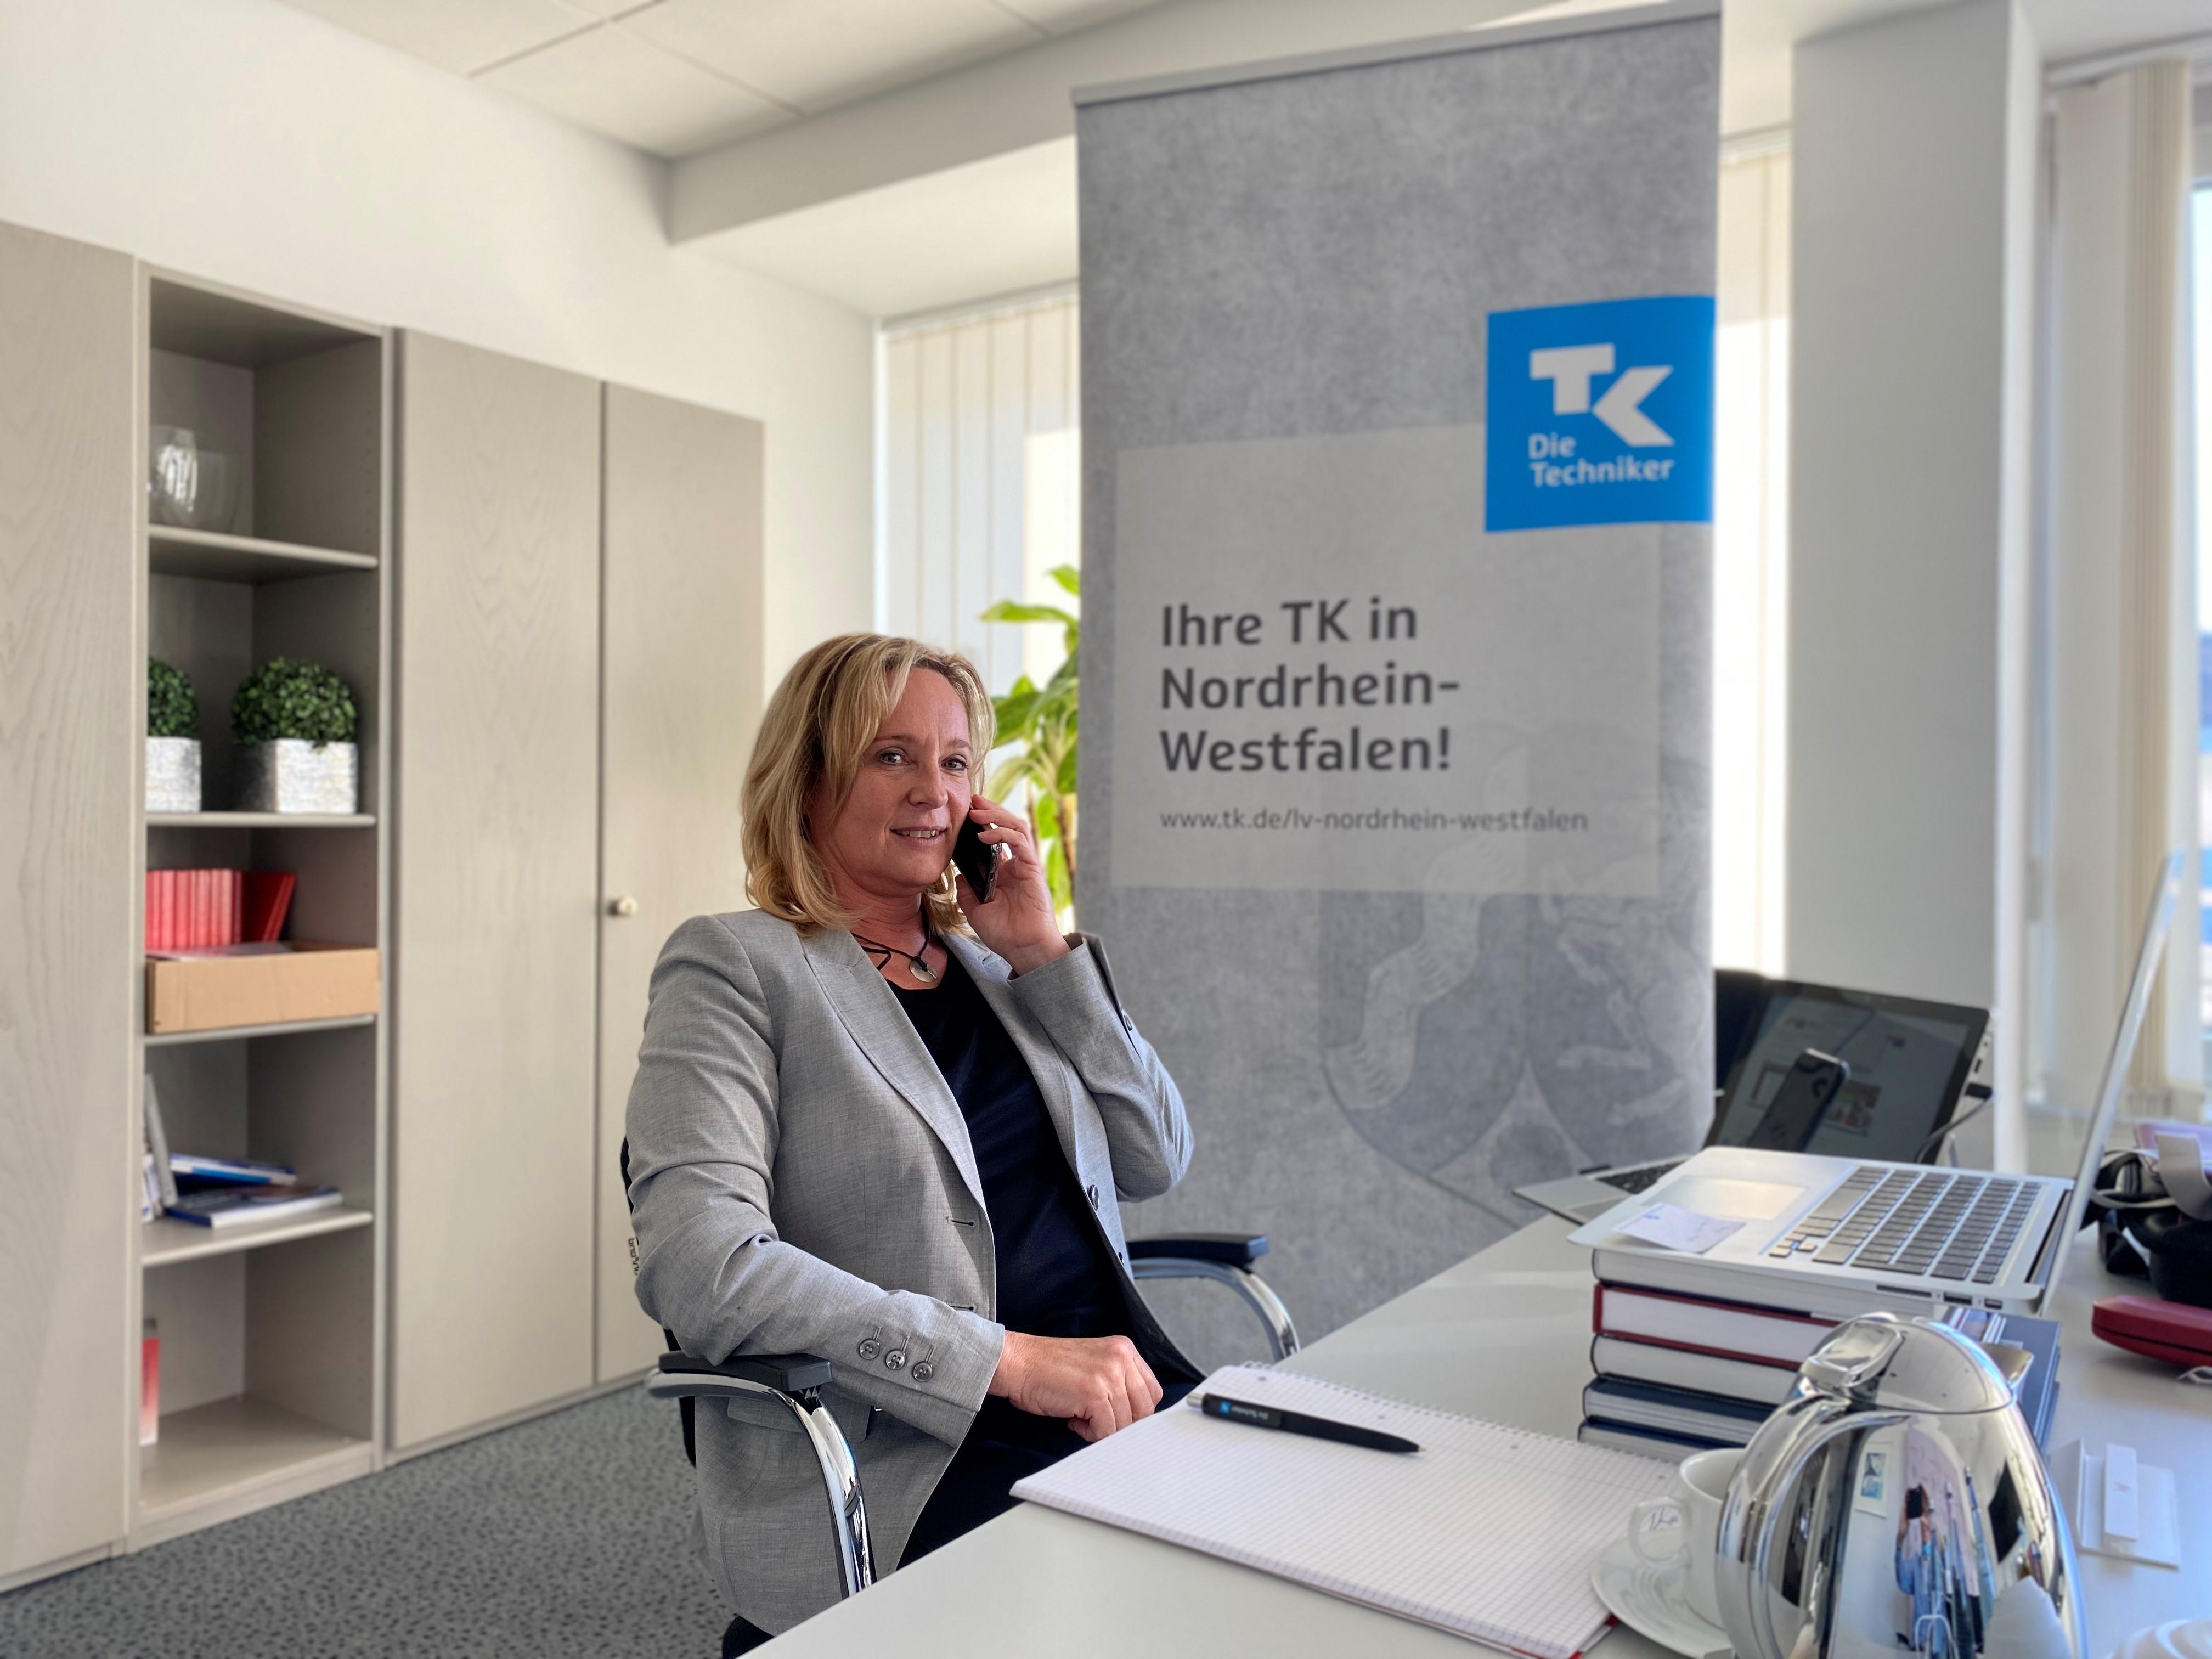 TK-Kollegin Beate Hanak in der Landesvertretung Nordrhein-Westfalen organisiert alljährlich das Medica Econ Forum by TK - aufwändig genug! Doch in diesem Jahr hatte sie besonders große Herausforderungen zu bewältigen.